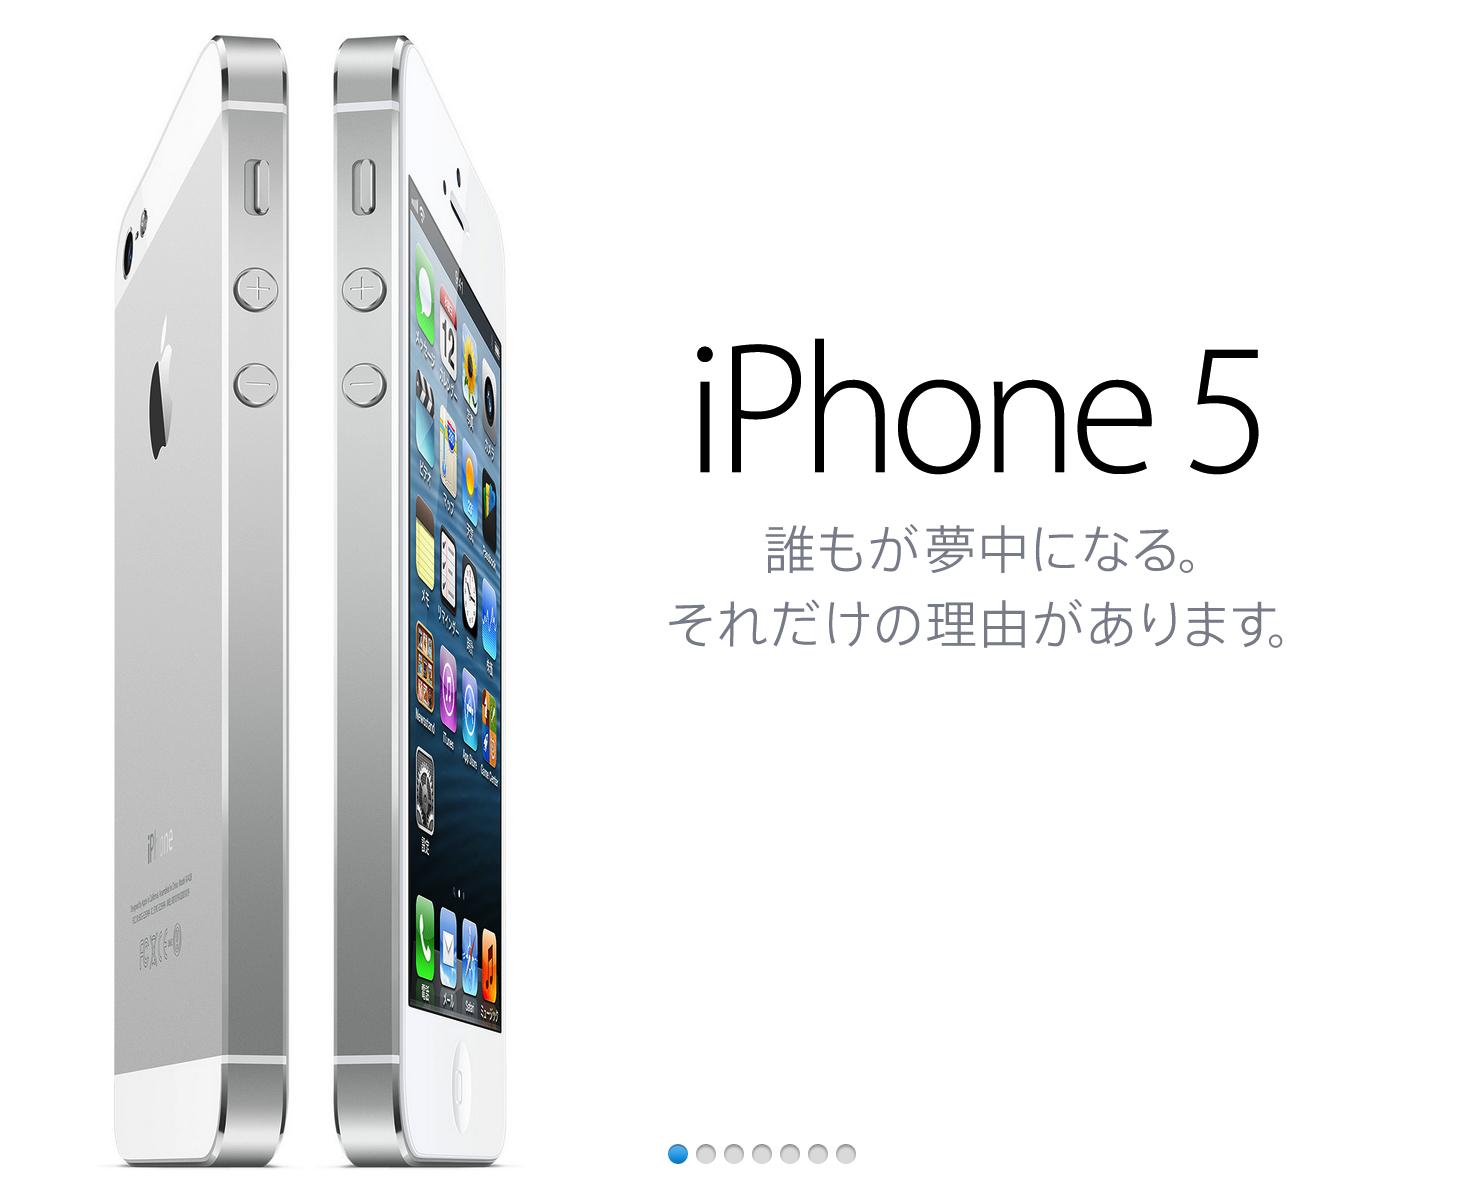 auでiPhone5を使っているユーザーの半数が「パケ詰まり」に不満を感じているらしい